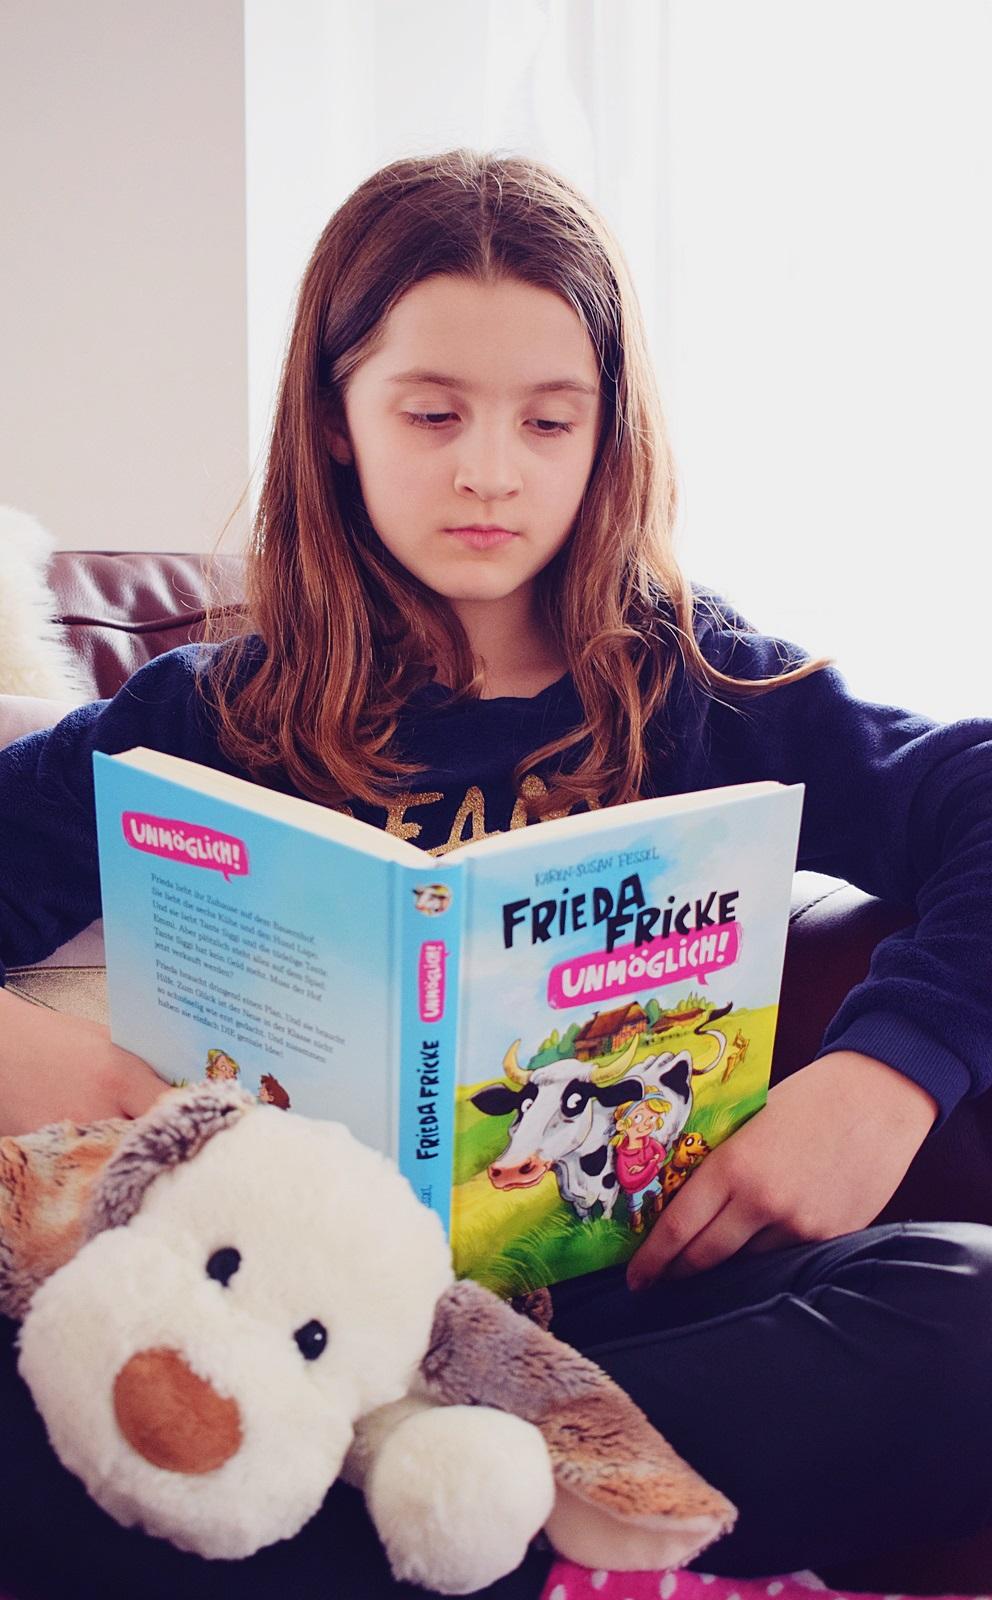 Kindern Bücher näher bringen